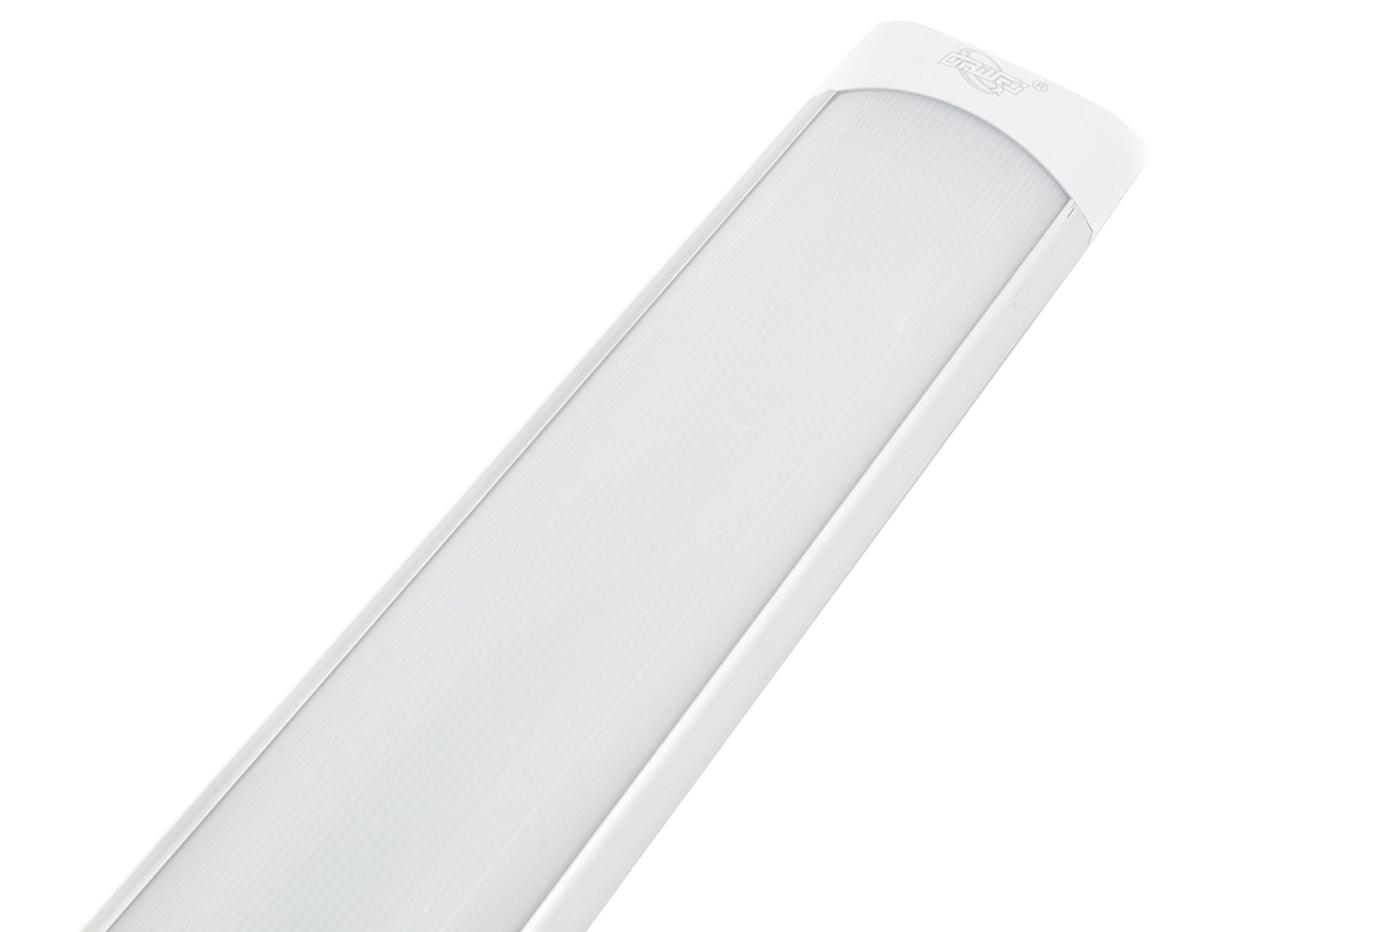 Plafoniere Tonde A Led : Lampade a soffitto led. simple lampada da led conus cm